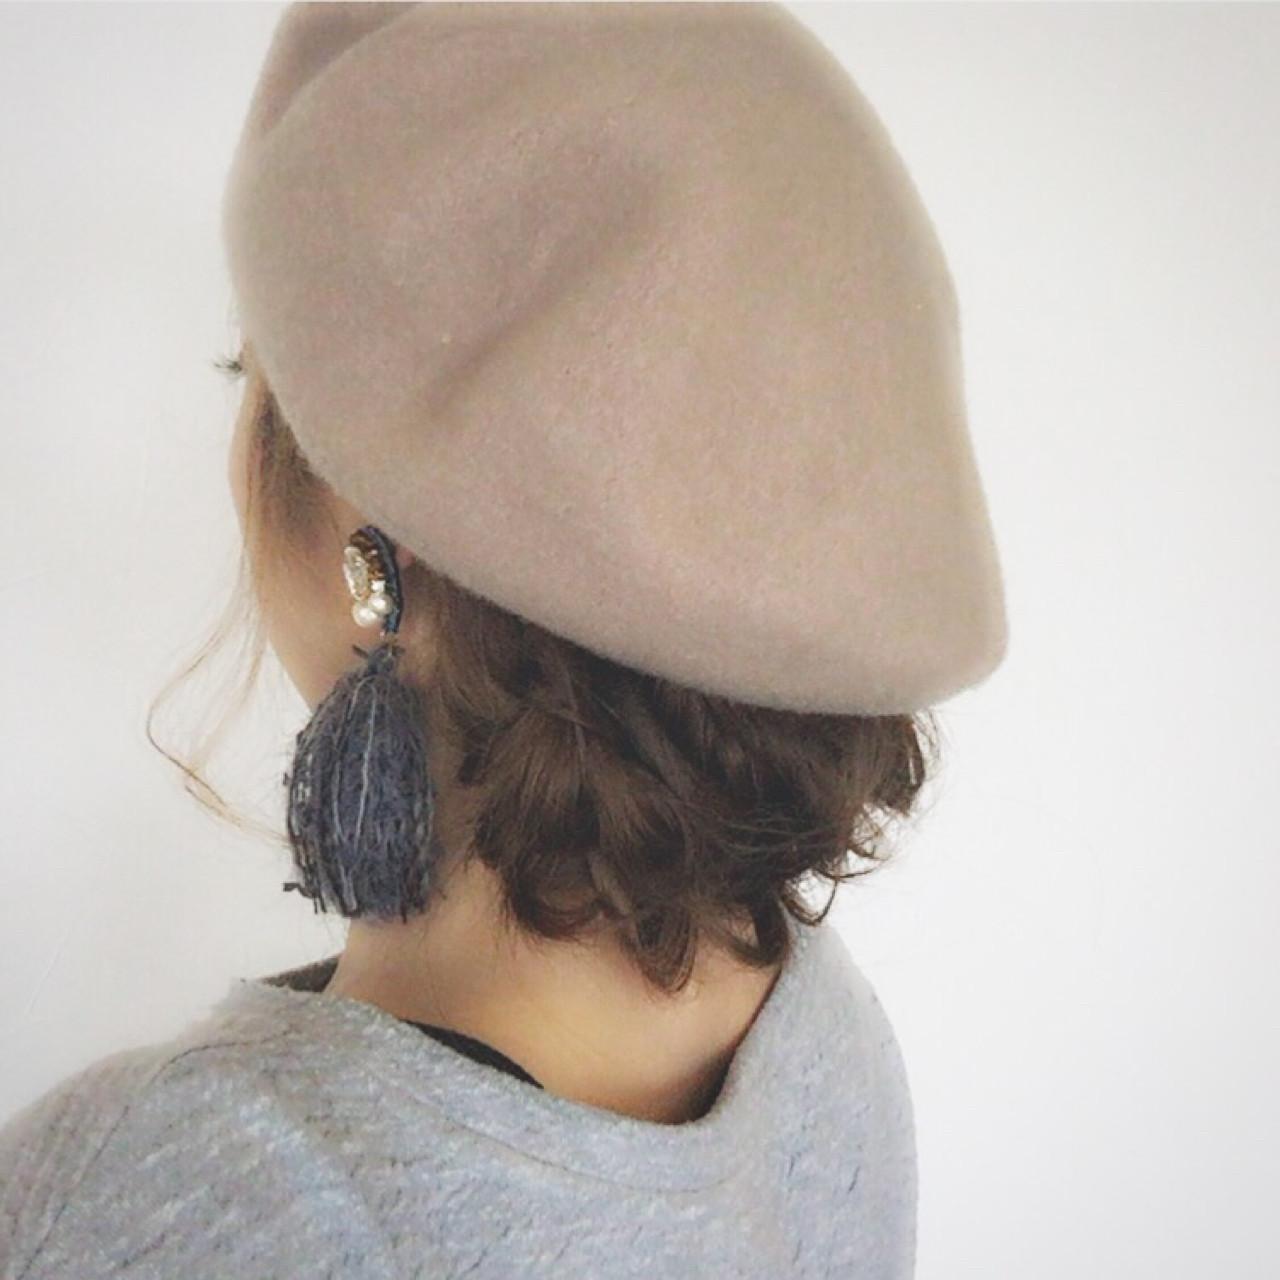 フィッシュボーン ロング ヘアアレンジ ベレー帽 ヘアスタイルや髪型の写真・画像